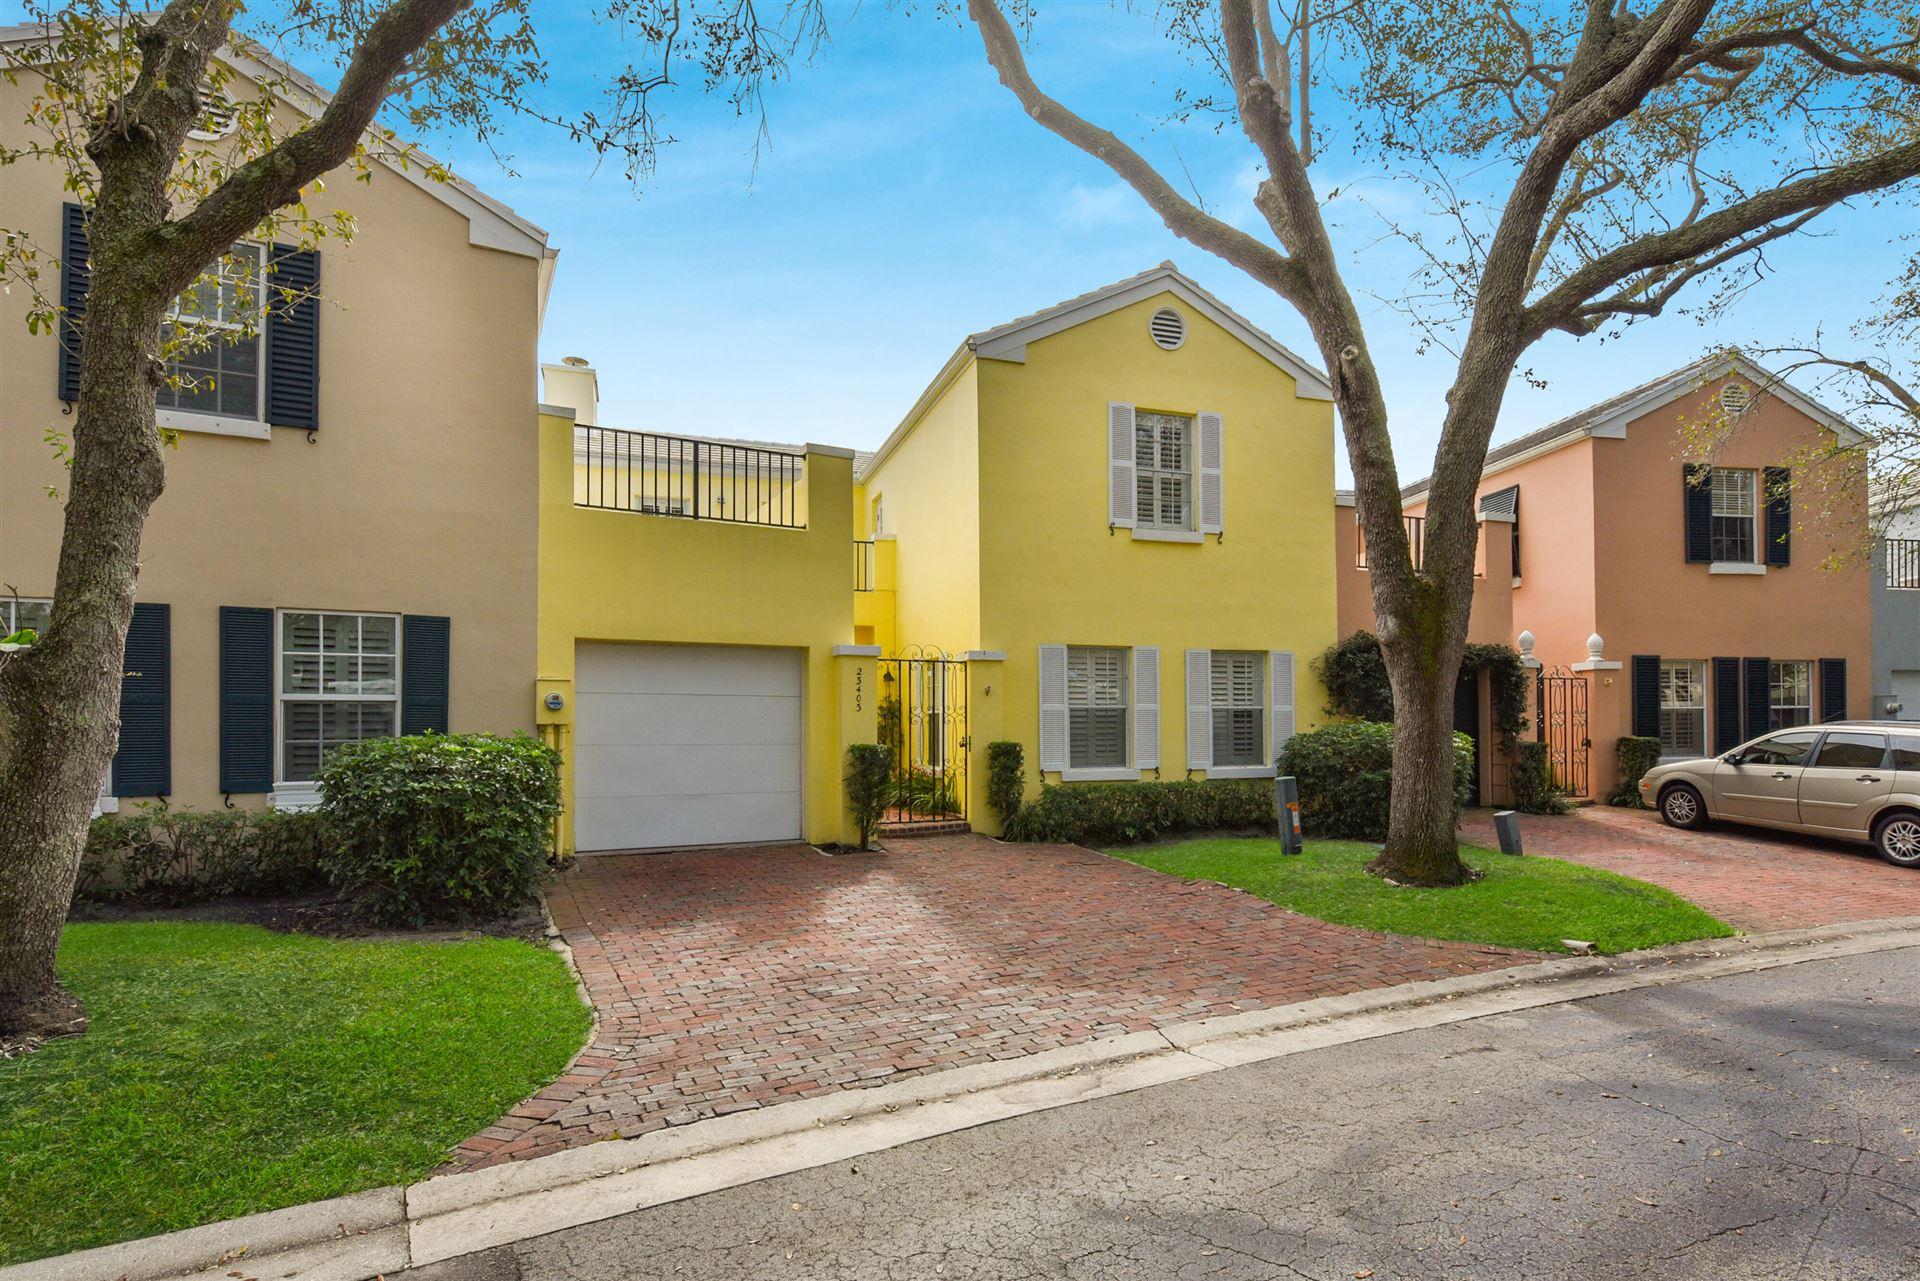 23403 Drayton Drive, Boca Raton, FL 33433 - #: RX-10694543